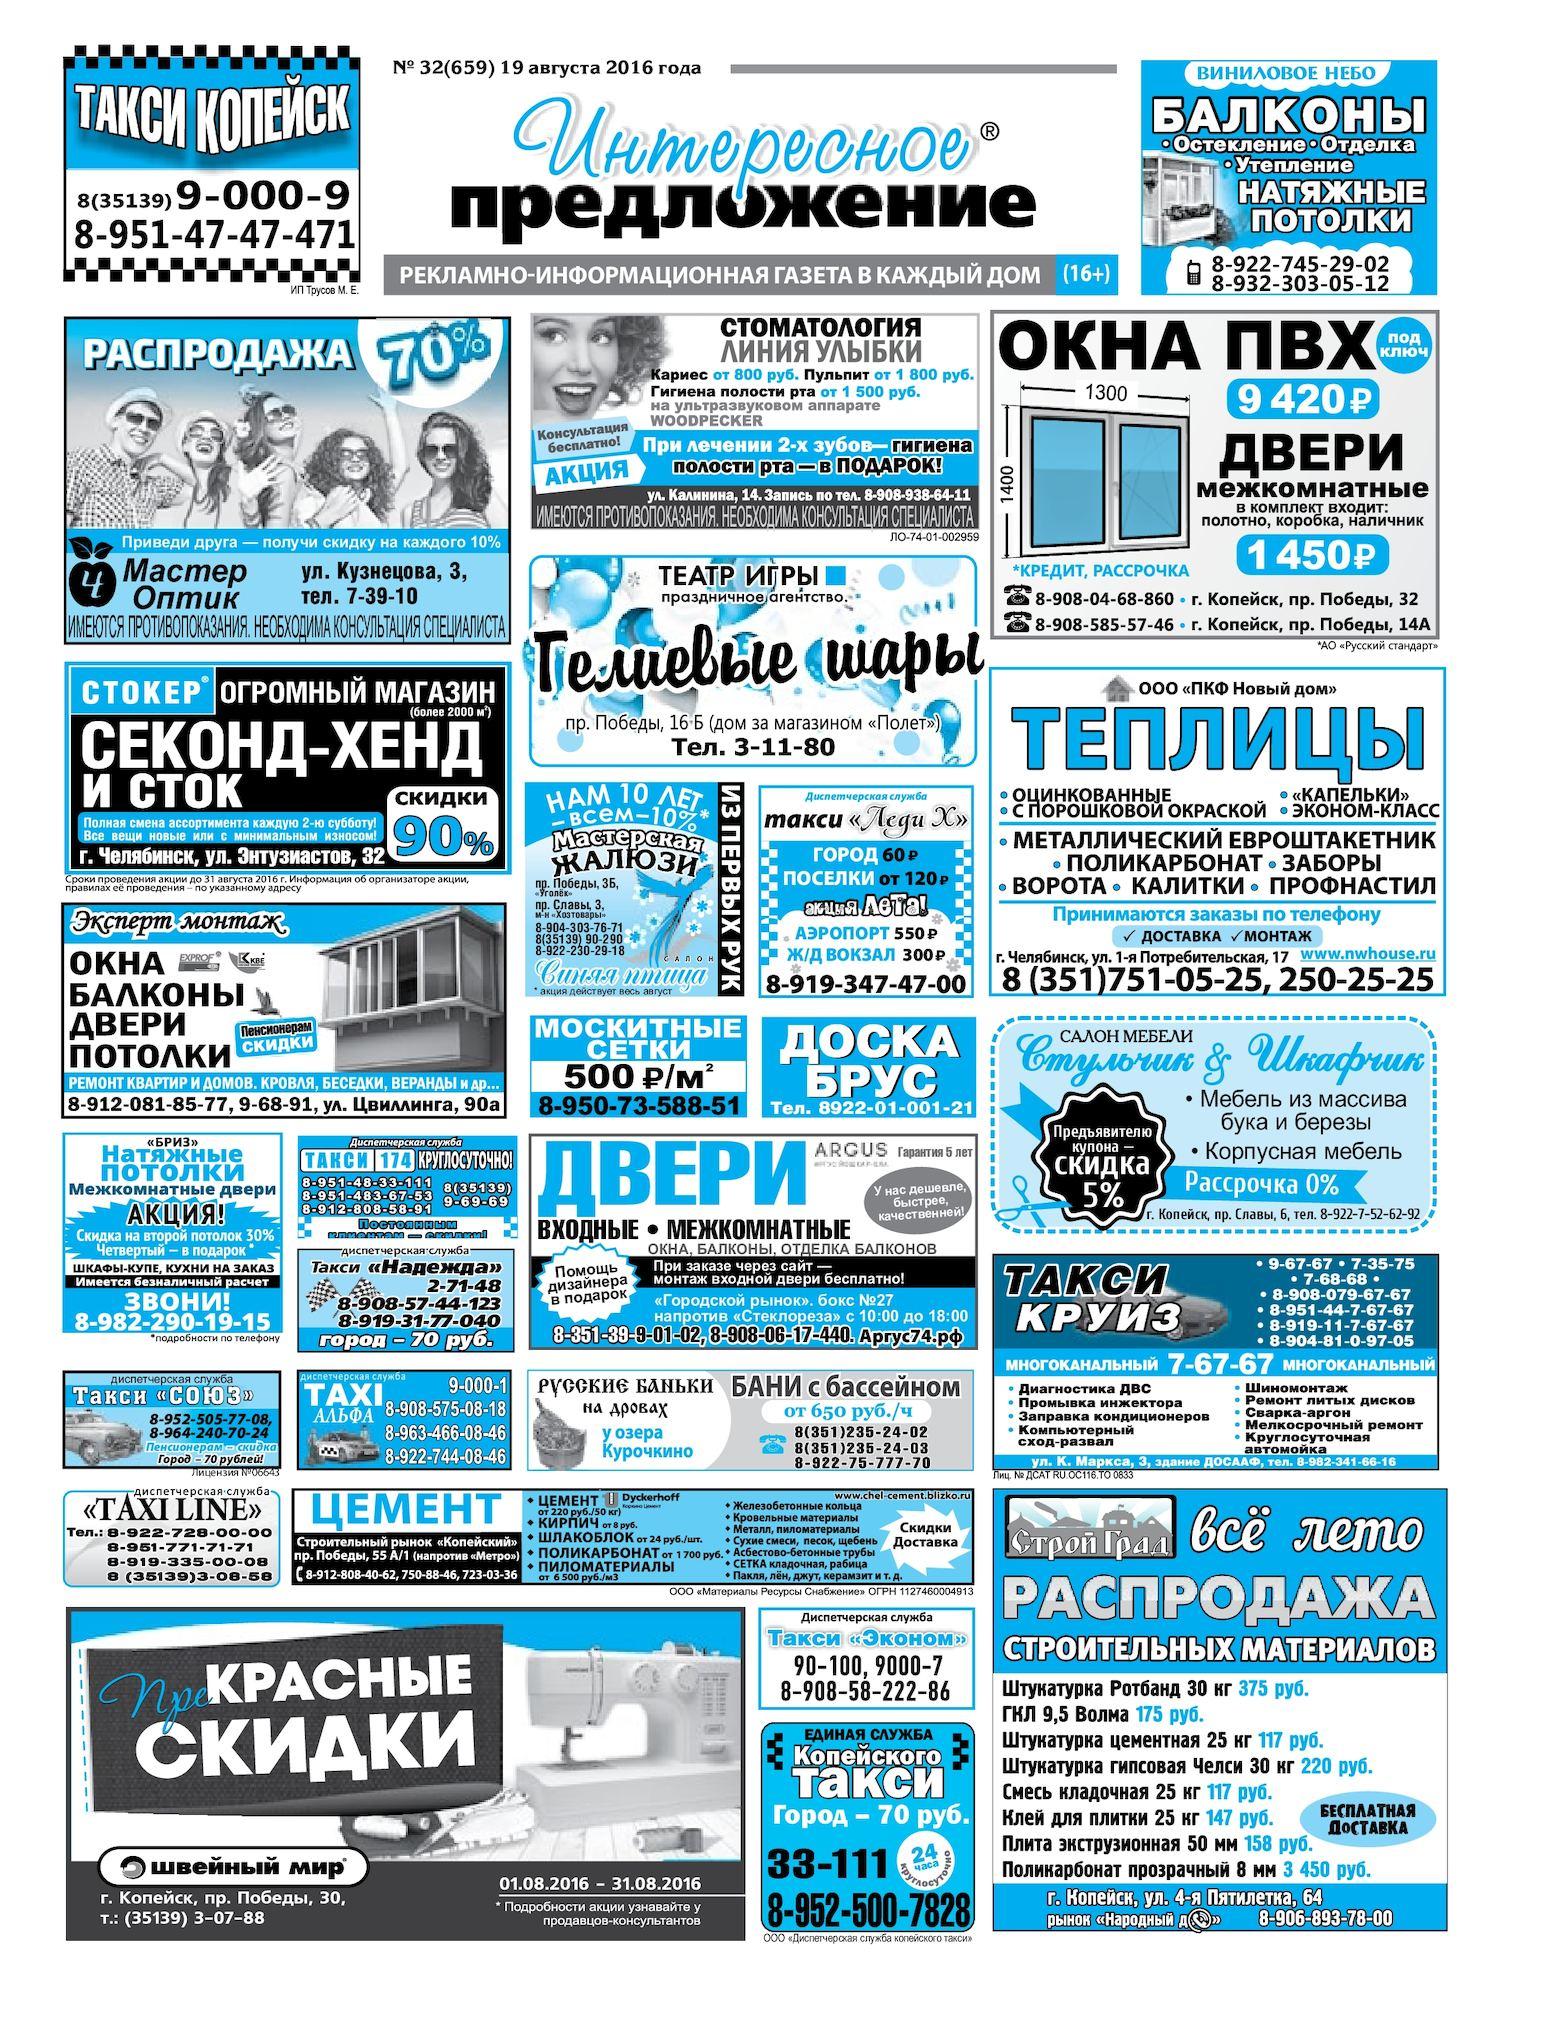 Чеки для налоговой Черепановых проезд сзи 6 получить Серпуховская